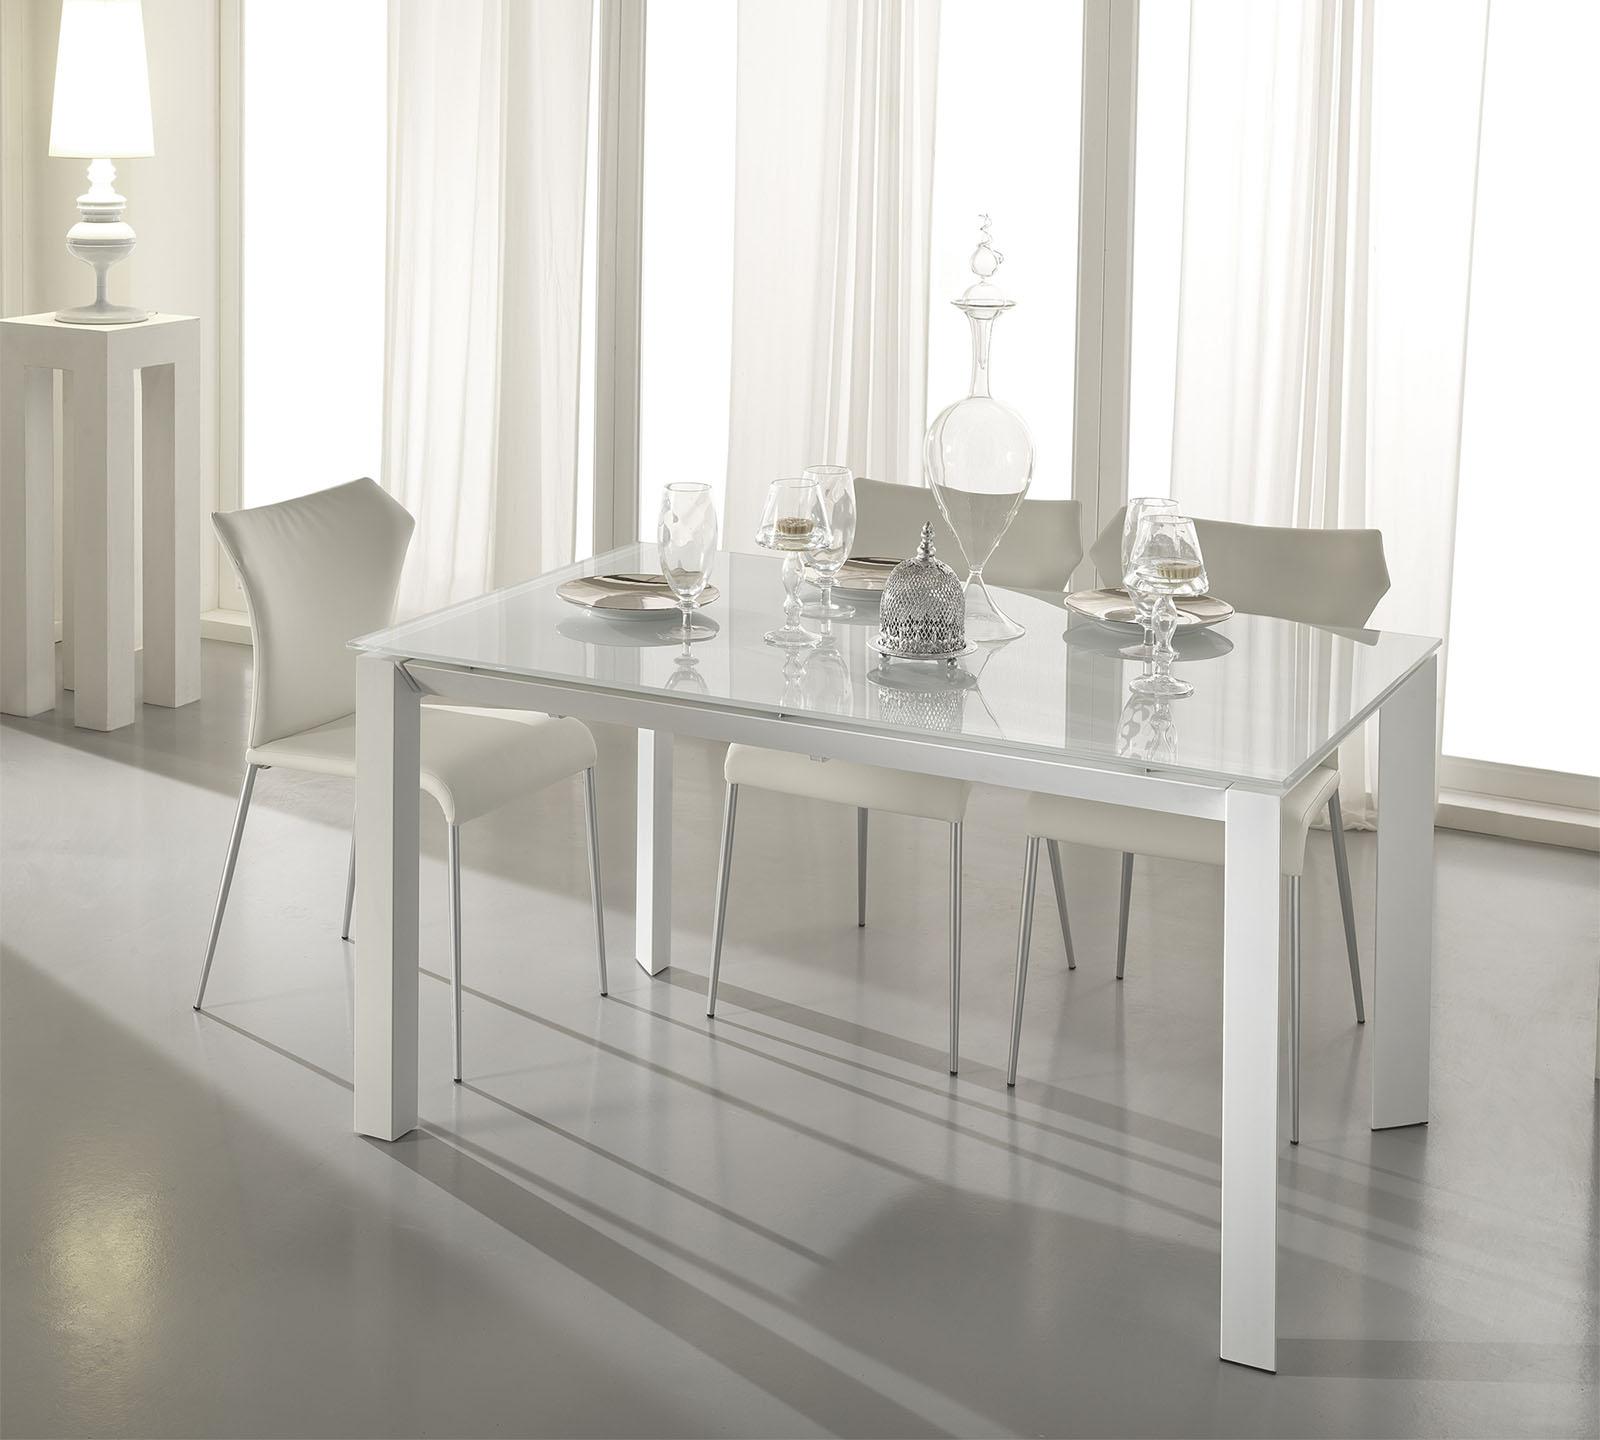 Tavolo allungabile account bianco duzzle - Tavolo rotondo bianco allungabile ...